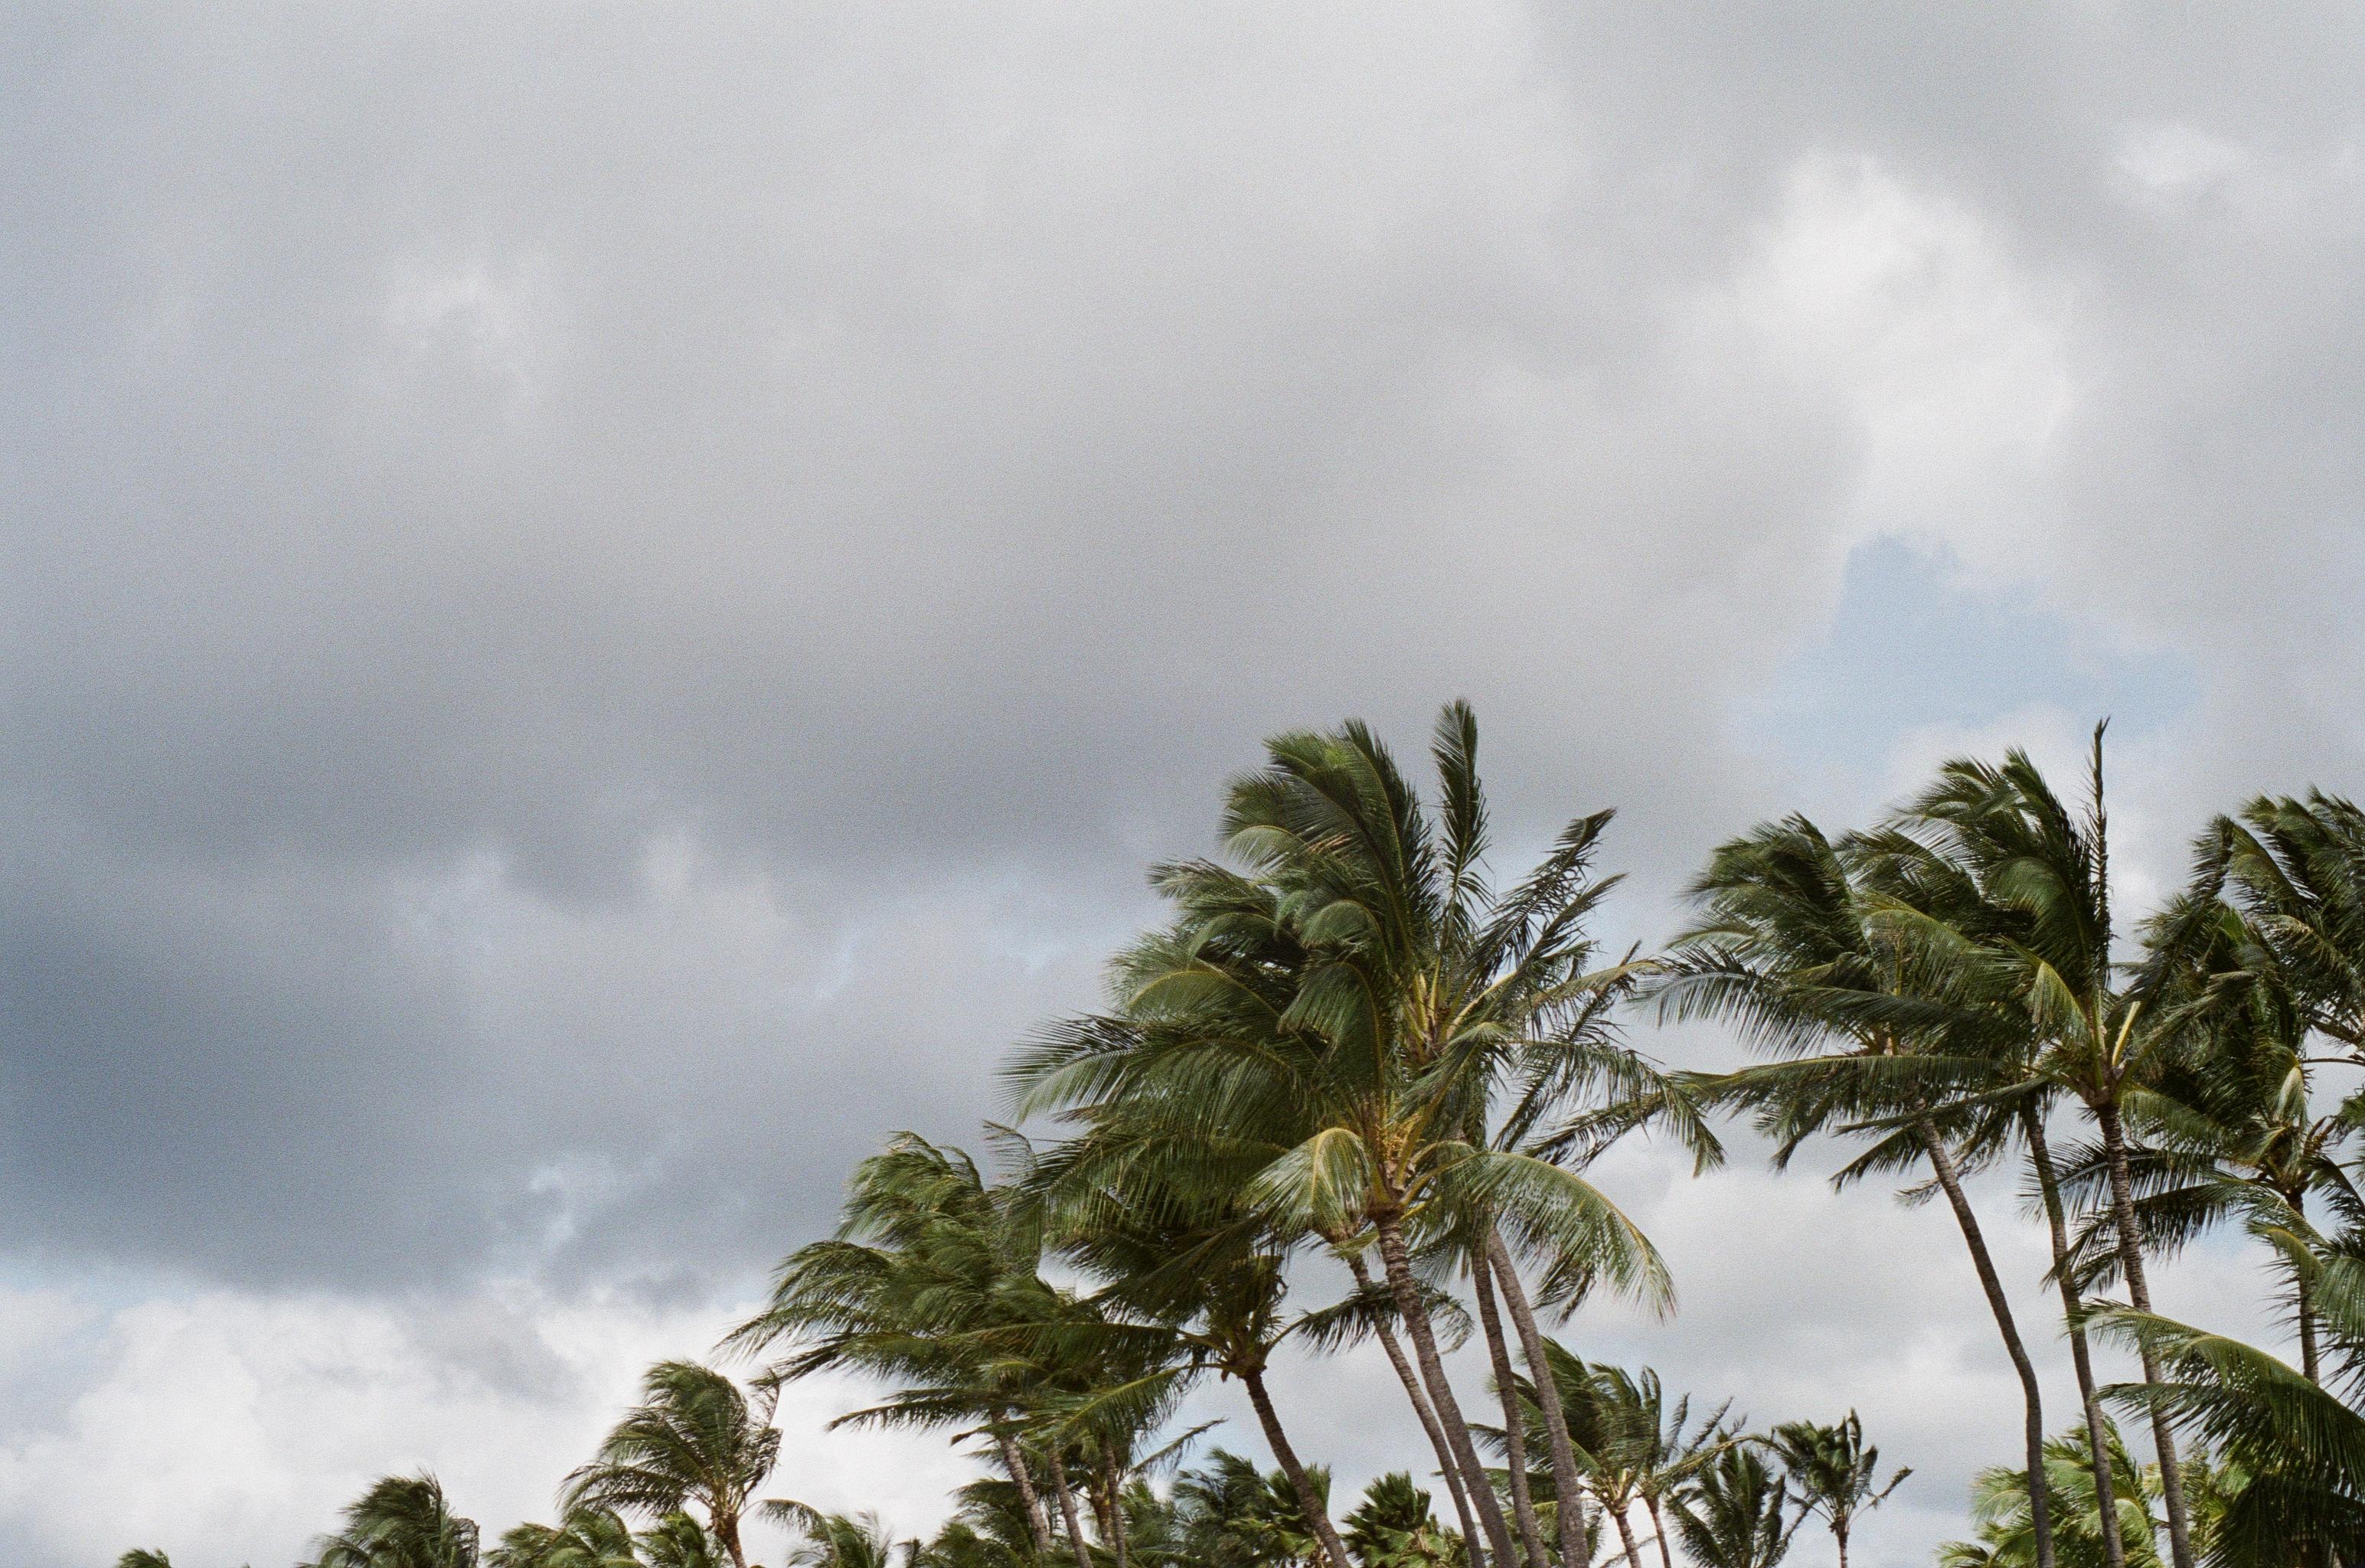 Hanauma, Oahu